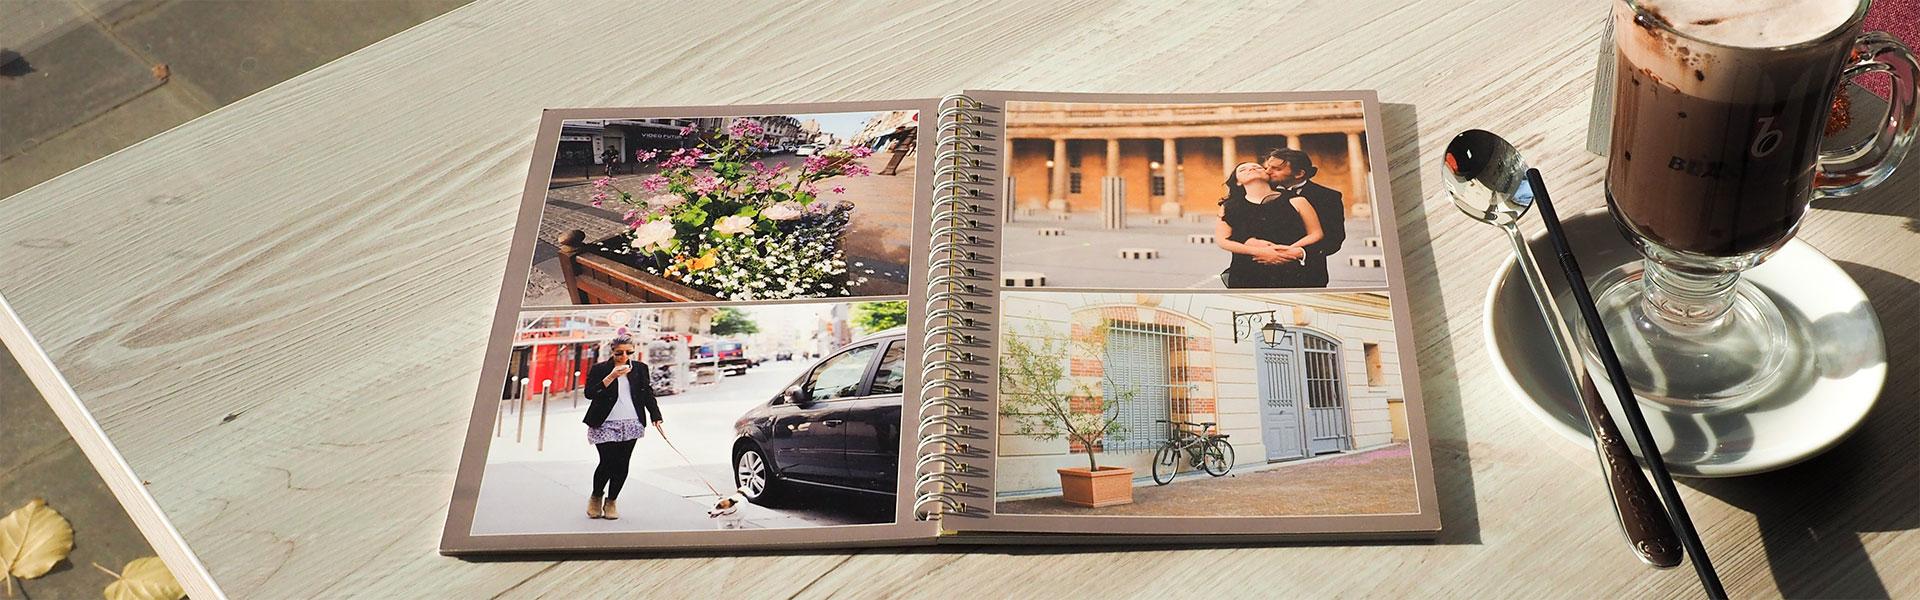 Фотоновинка - стильный способ хранить фотографии